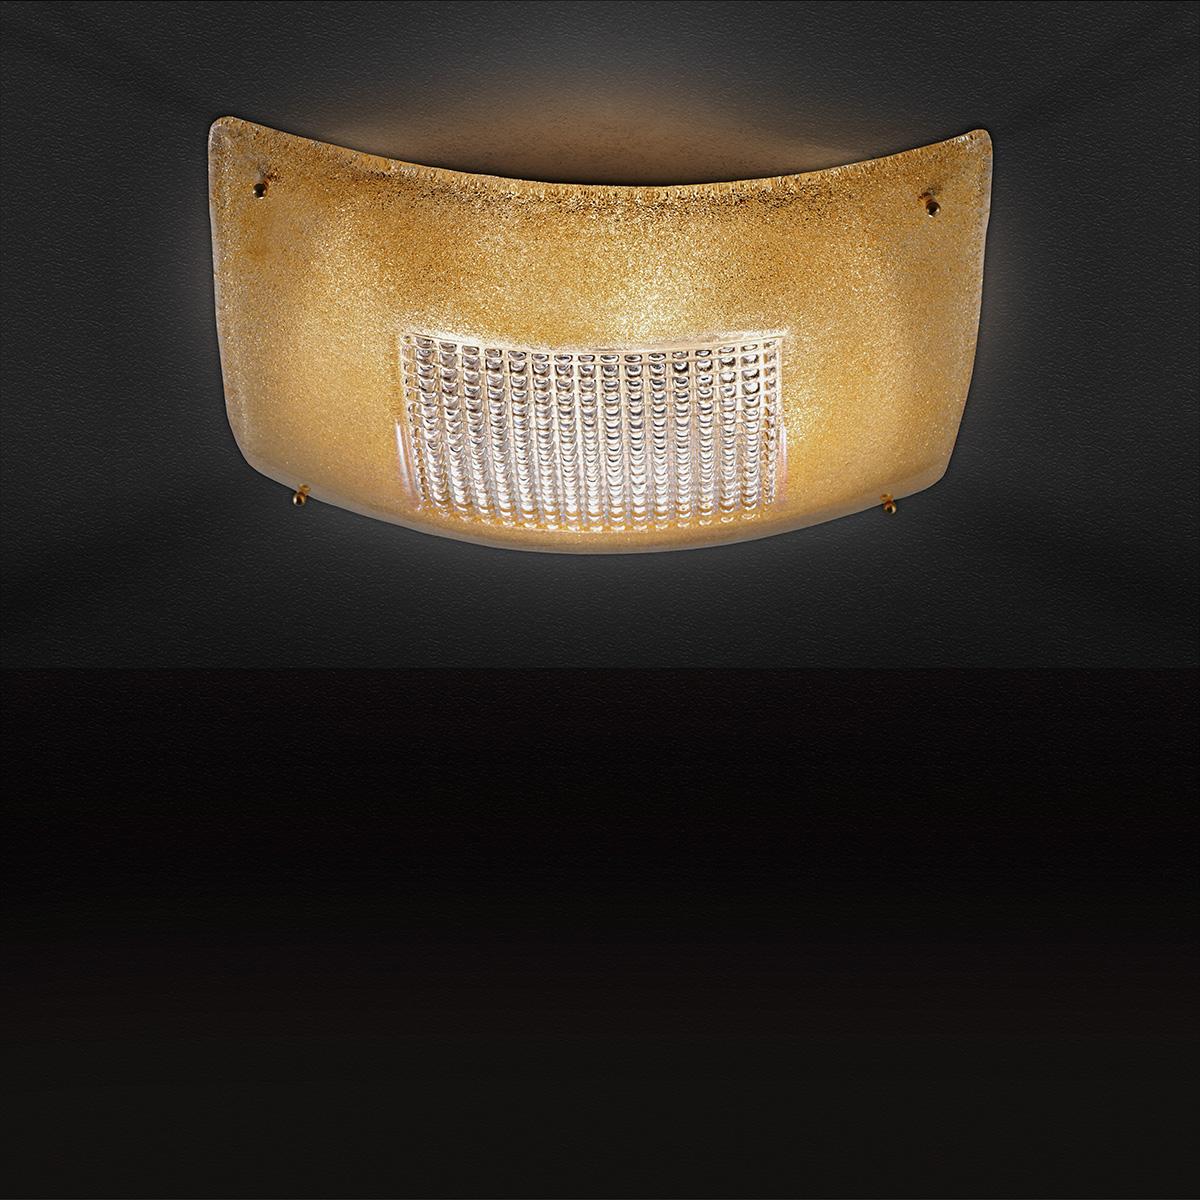 Κλασική πλαφονιέρα από κρύσταλλο Μουράνο SQUARE classic Murano crystal ceiling lamp